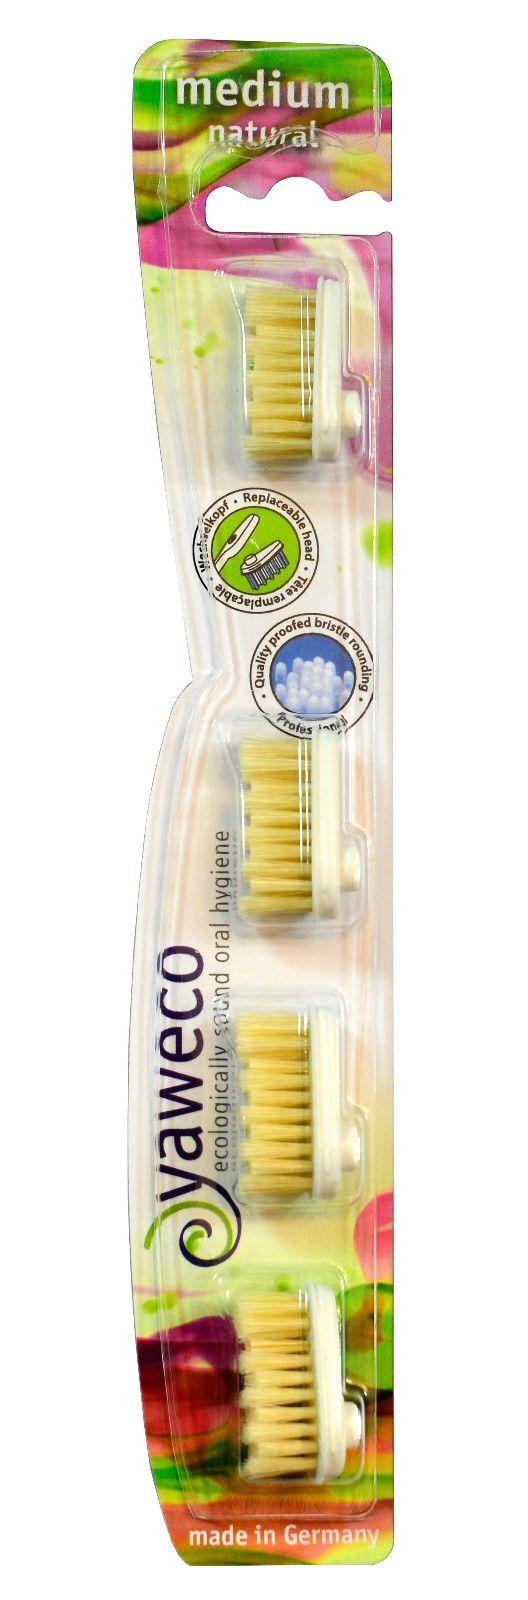 Yaweco hammasharjan vaihtopäät (4 kpl) medium Natural